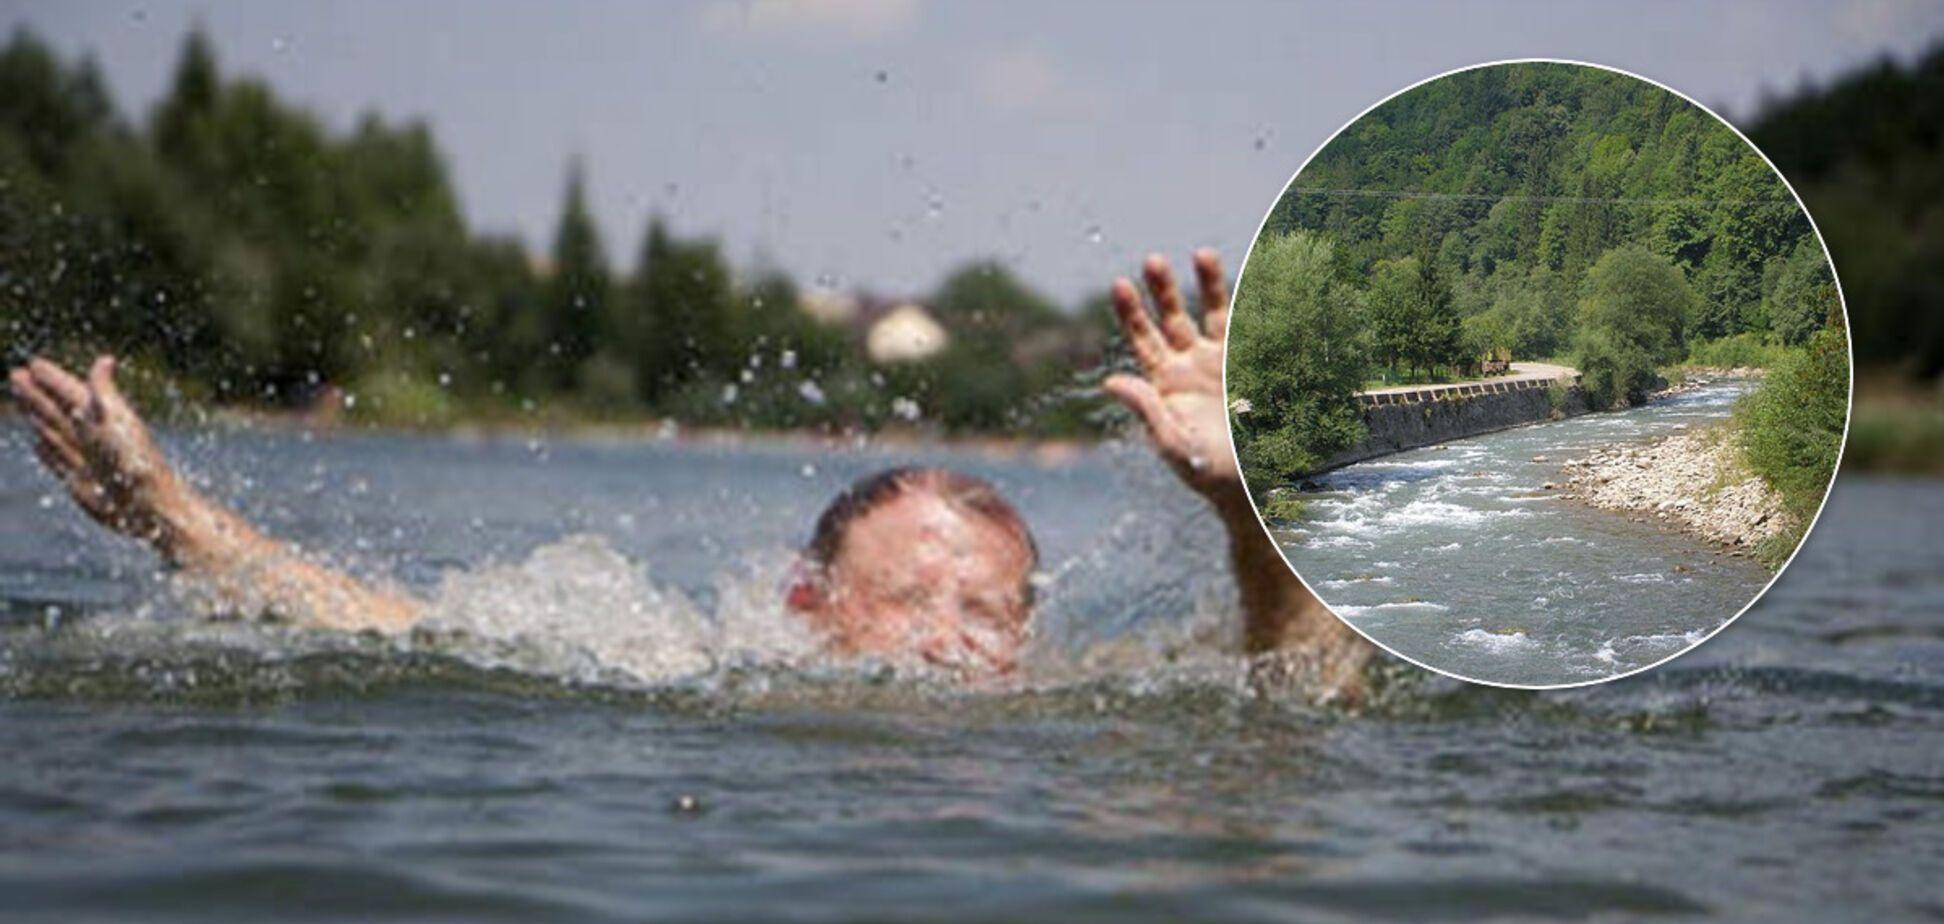 Один зачепився за дерево, другого забрала вода: подробиці трагедії з дітьми на Закарпатті